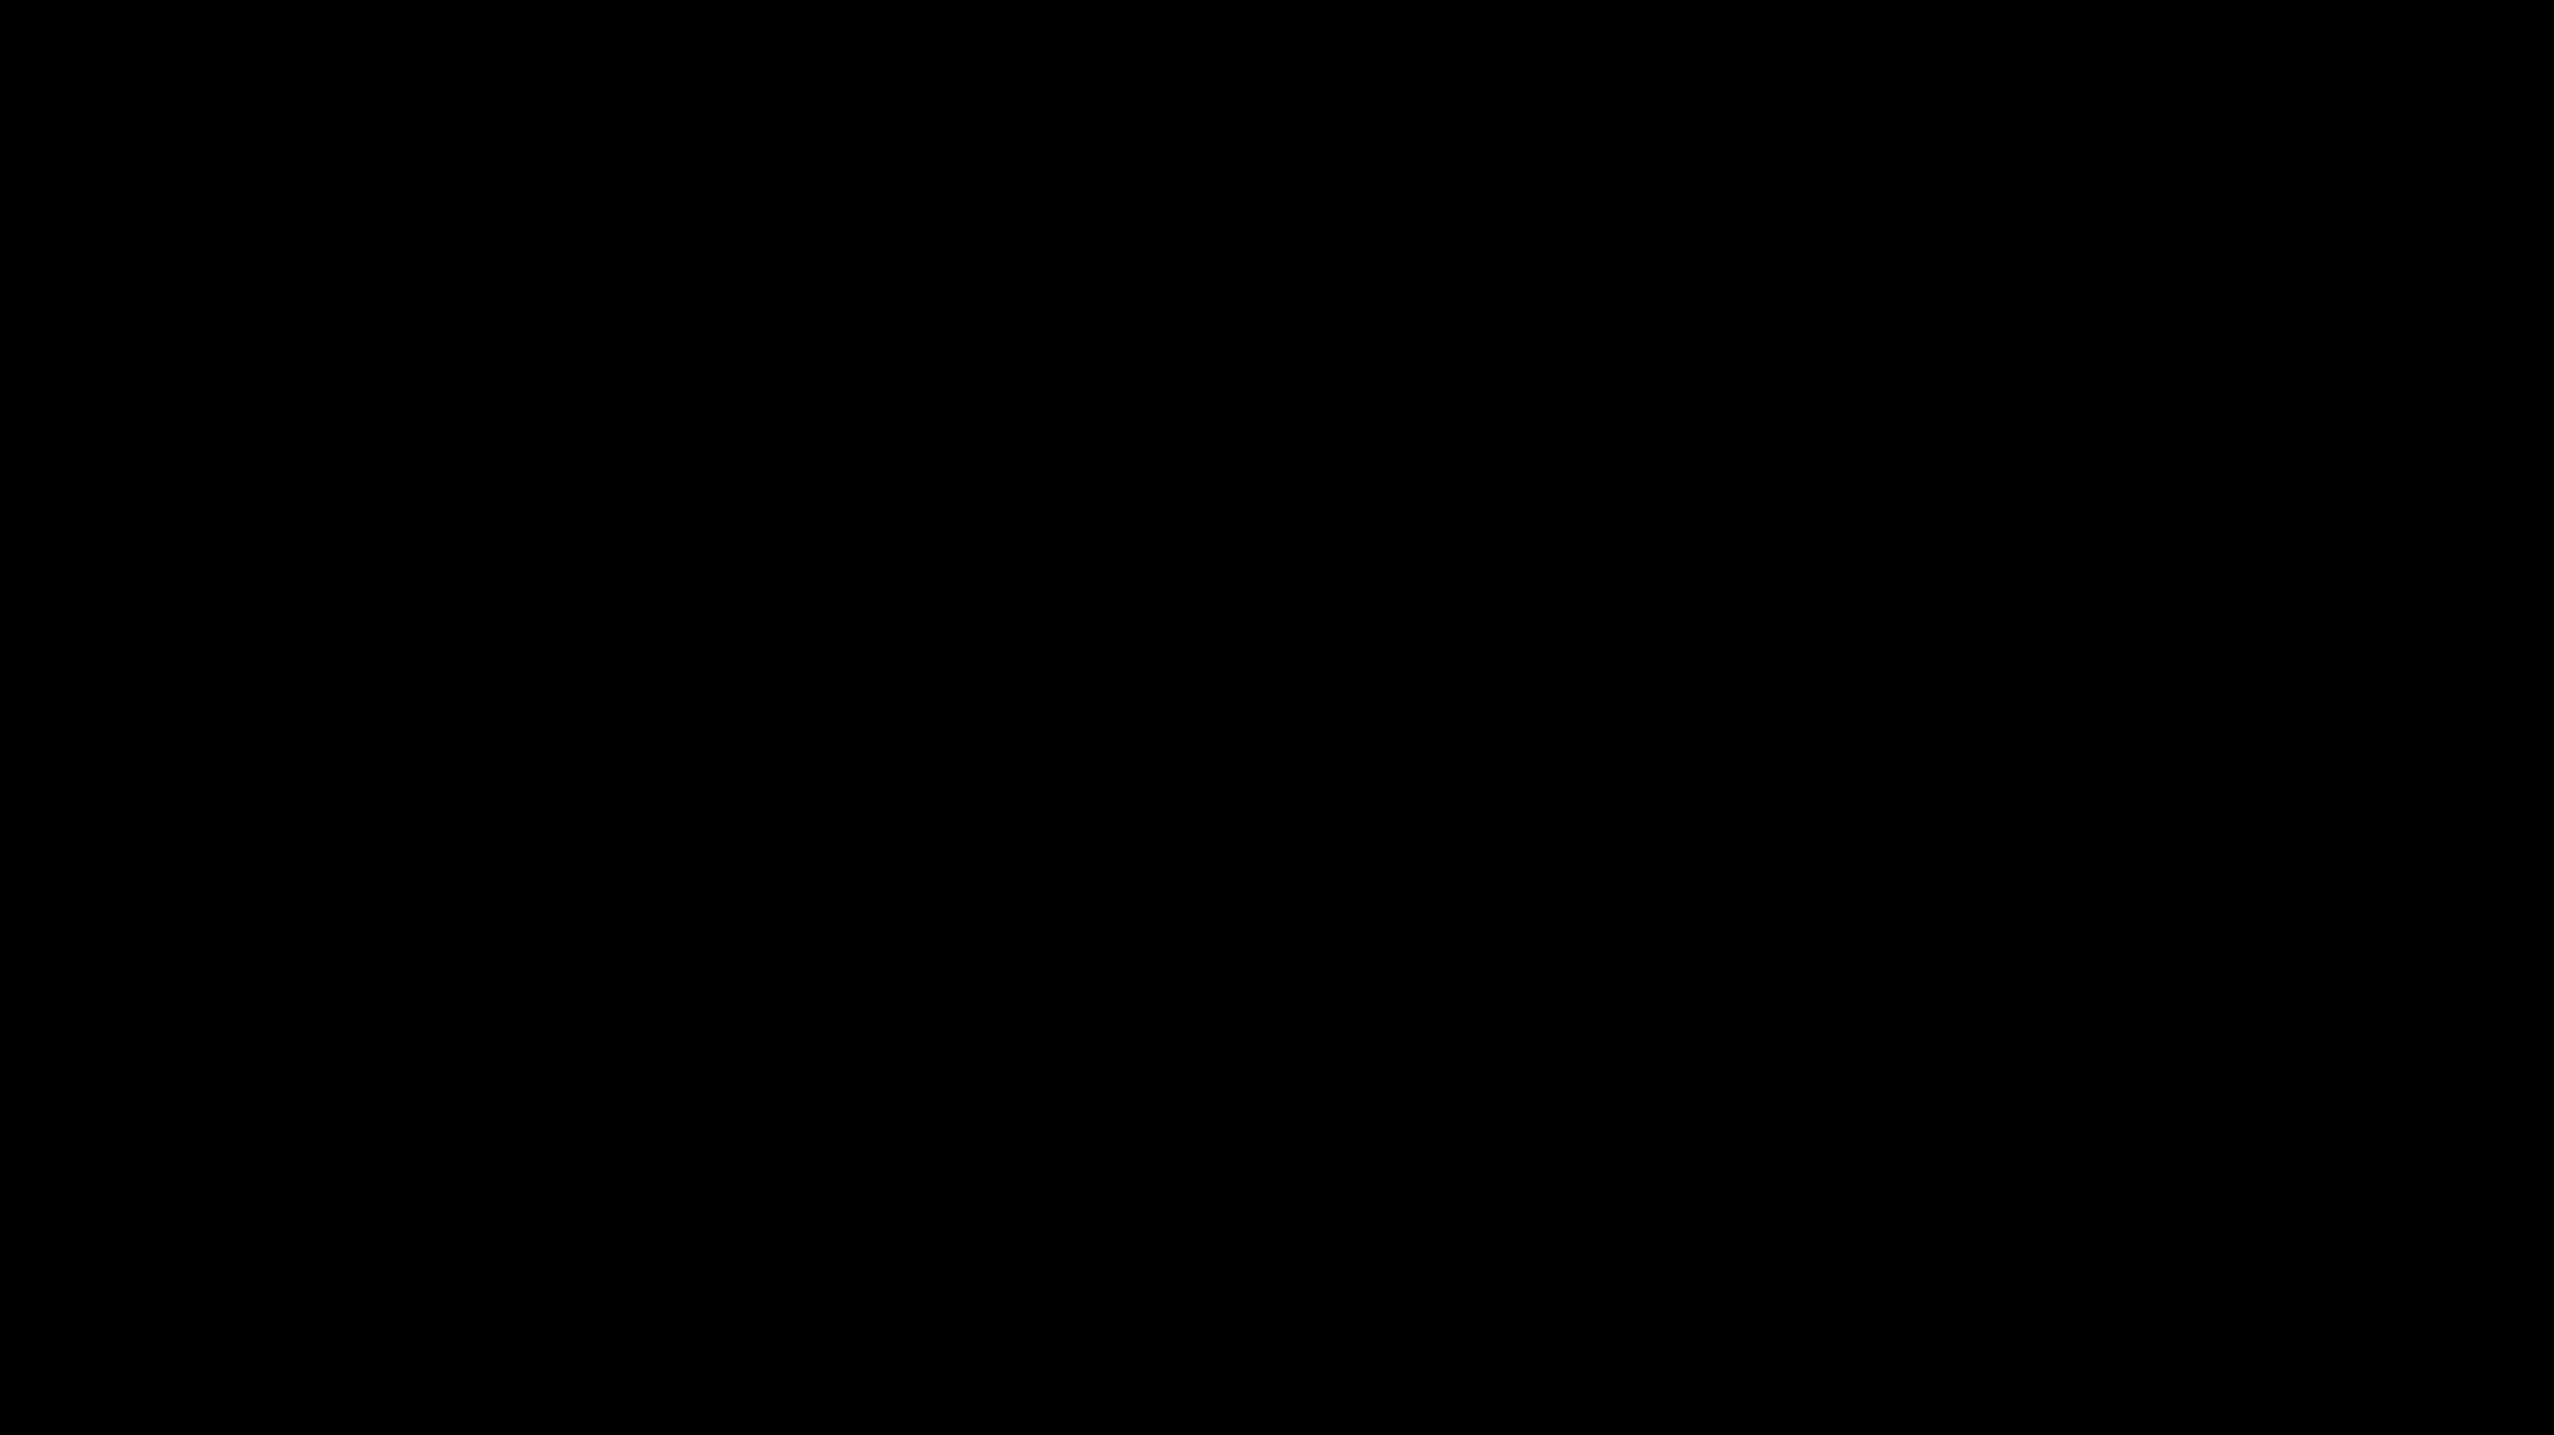 DSCN5860